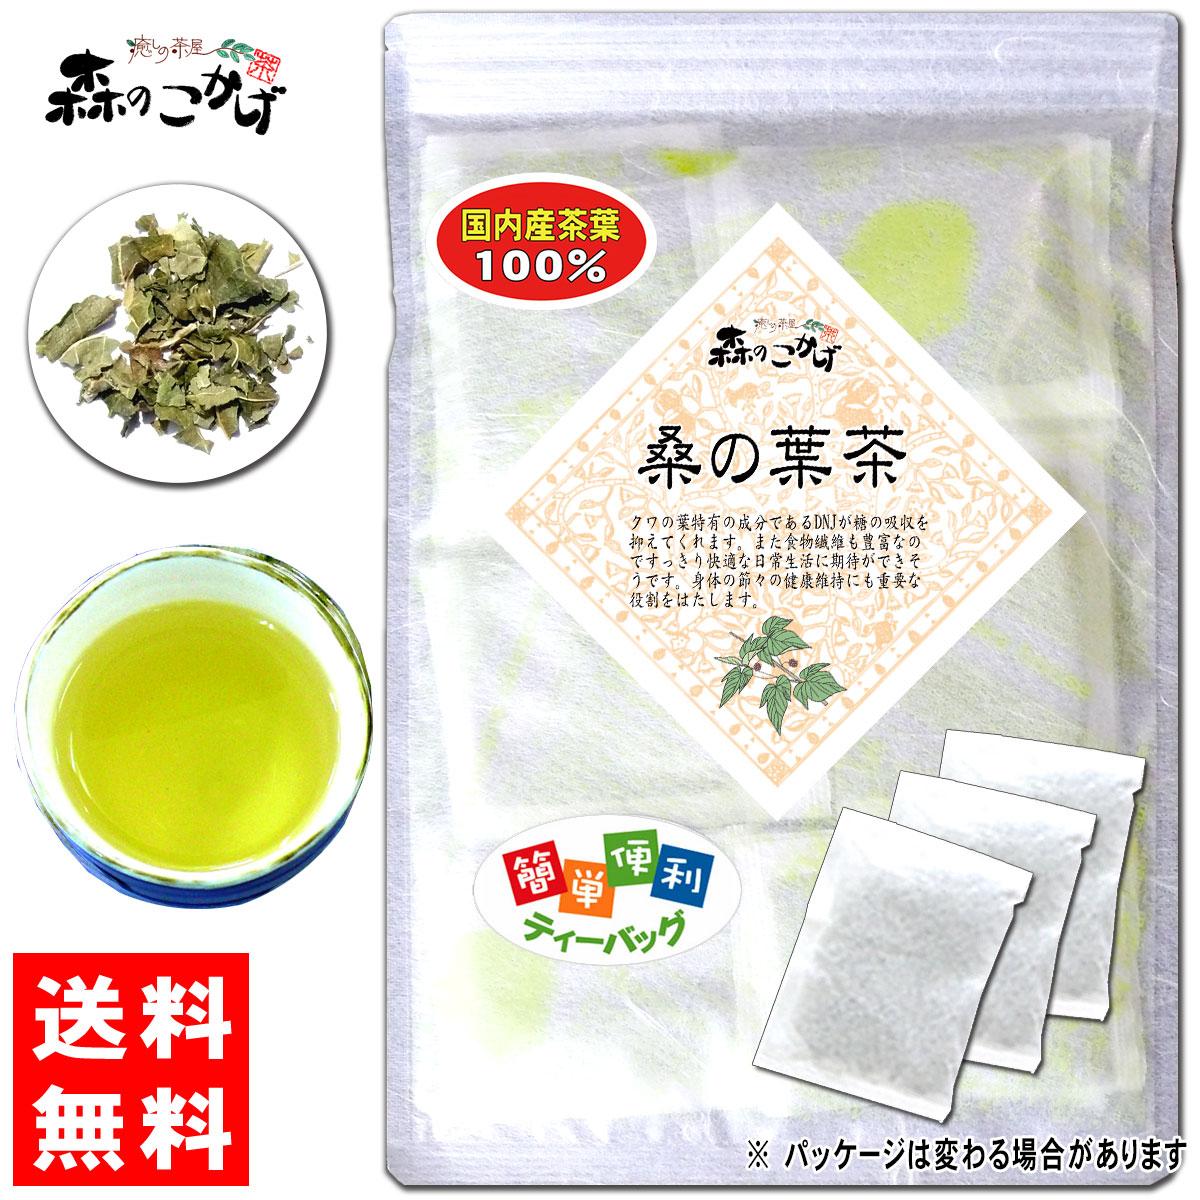 桑の葉茶 2g×50p 一部予約 国産 新着 6 送料無料 ティーバッグ ≪桑葉茶 100%≫ 桑葉 くわの葉 クワ葉 クワの葉 くわ葉 健康茶 健やかハウス 森のこかげ 茶 ティーパック くわちゃ